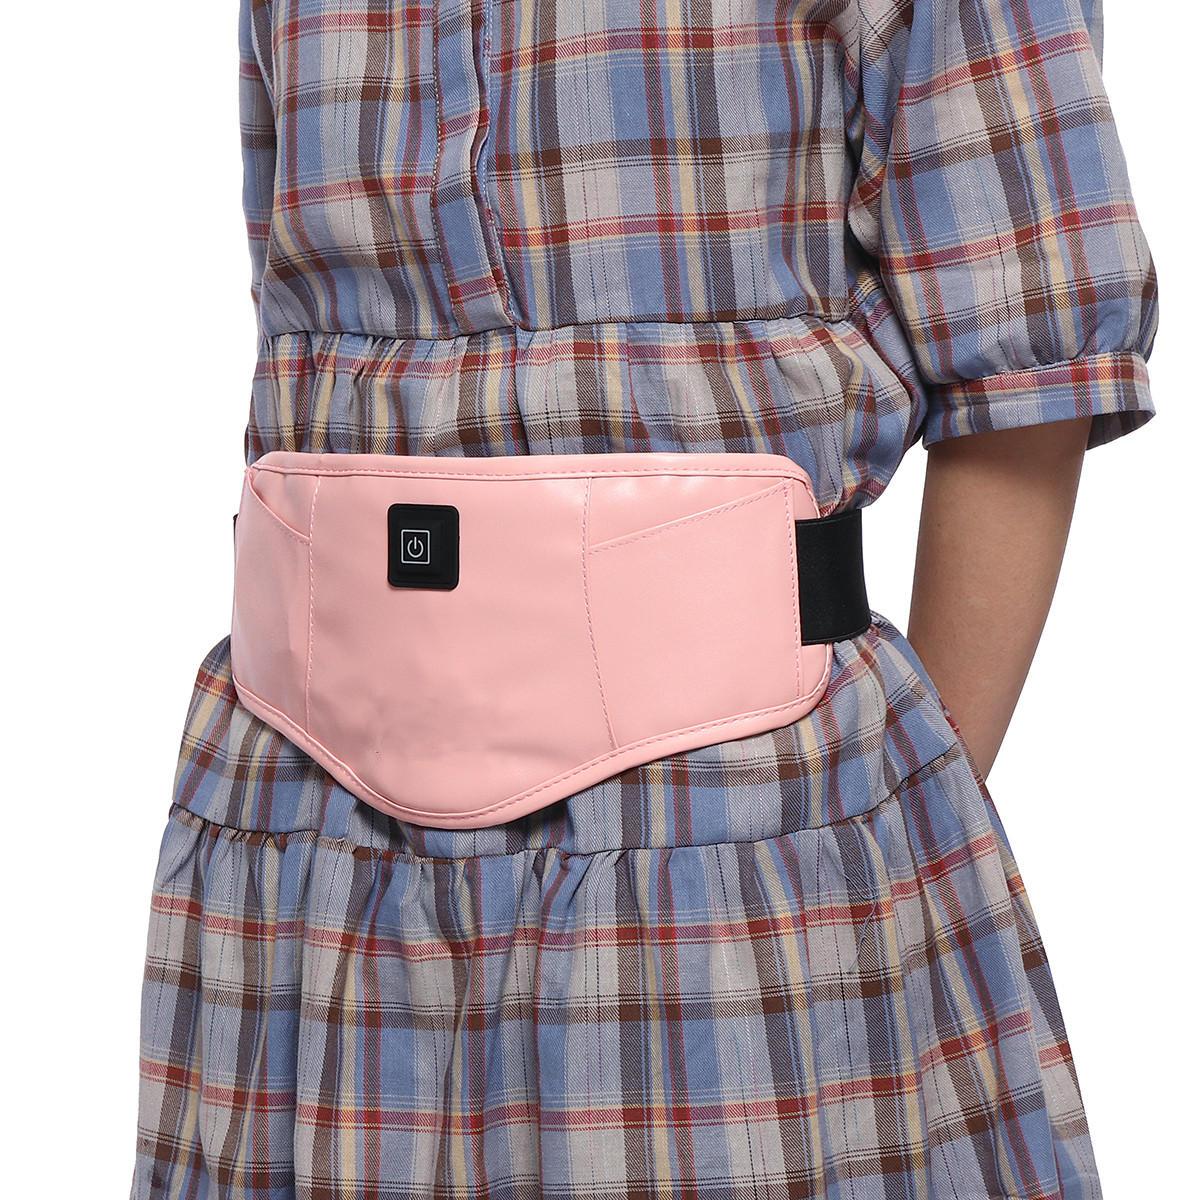 3 Files Waist Belt Electric Lower Belly Waist Vibration